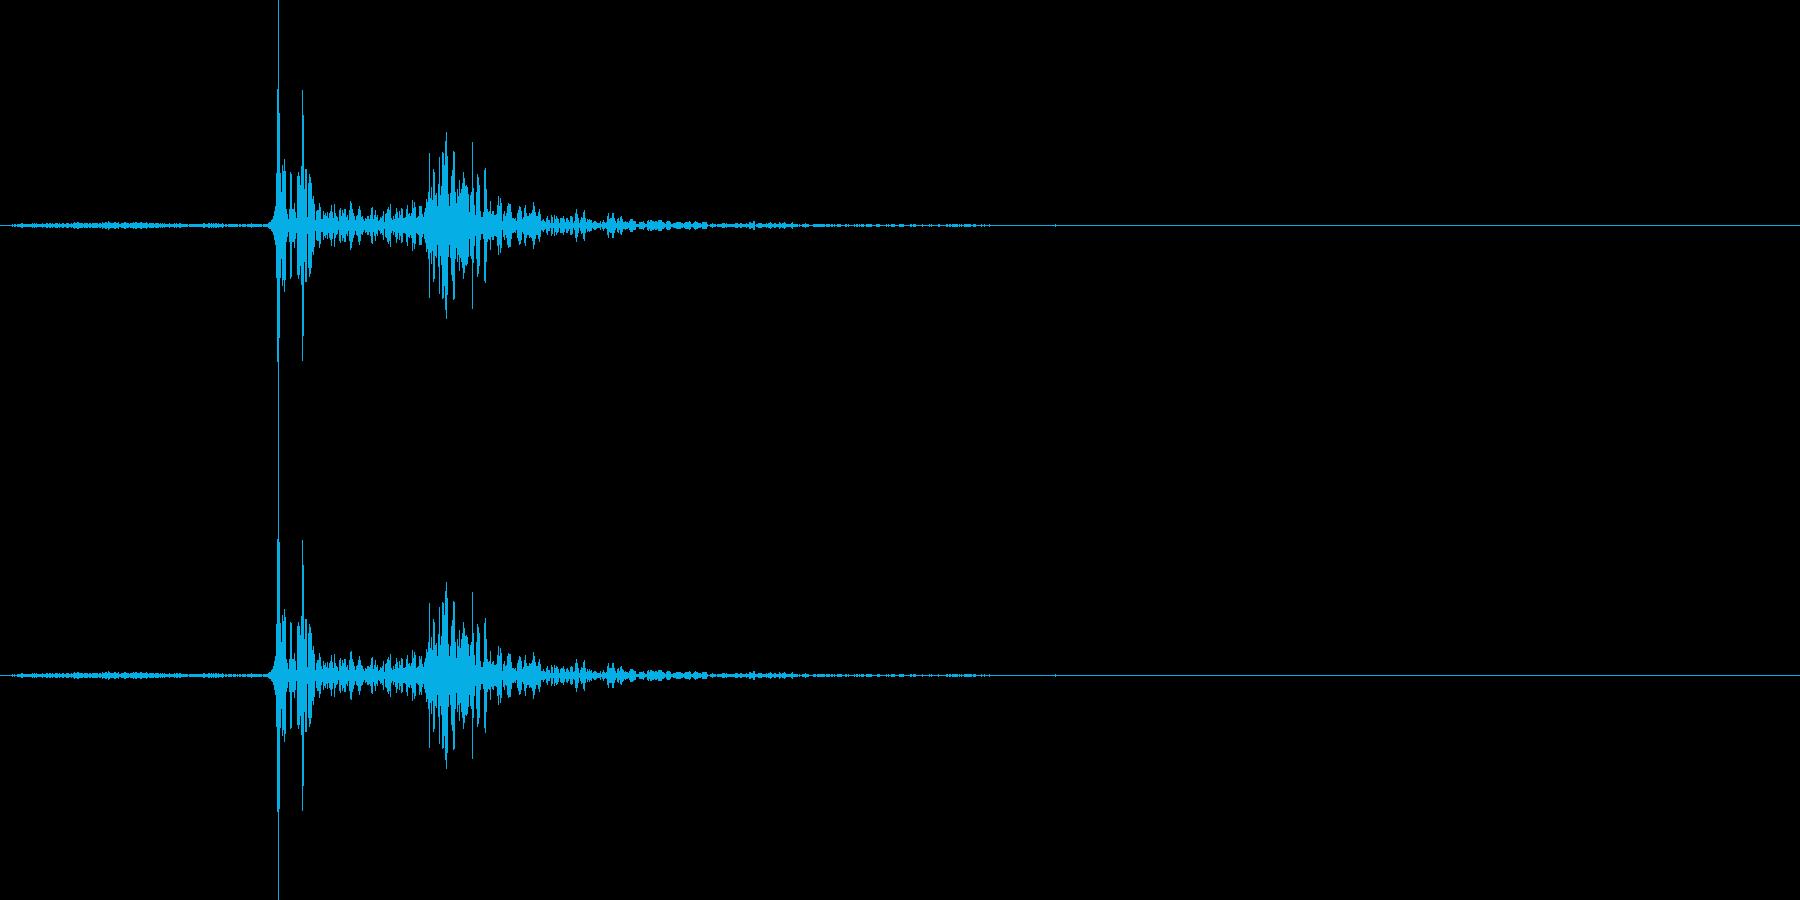 【マイク収録】物陰で何かが動いた物音の再生済みの波形